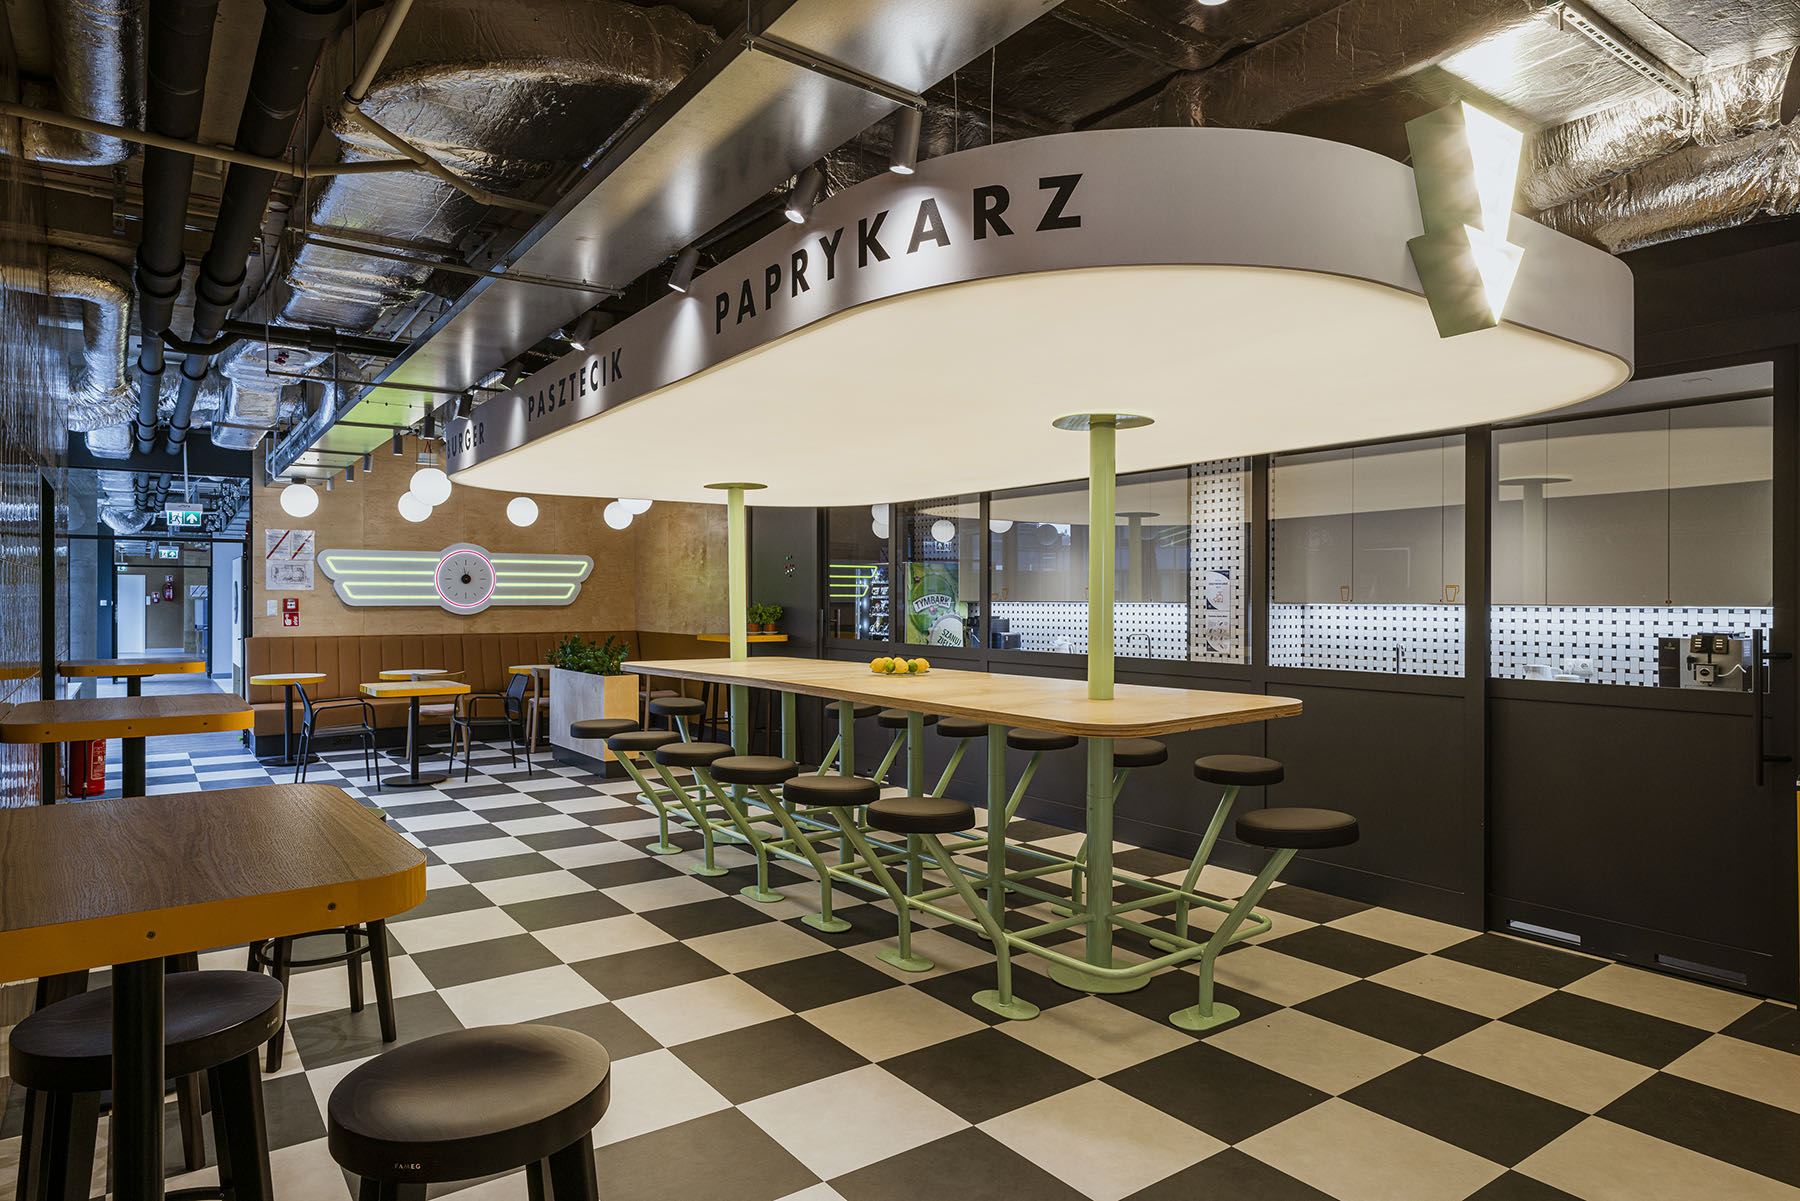 A Look Inside Codelab And Umlaut's Szczecin Office